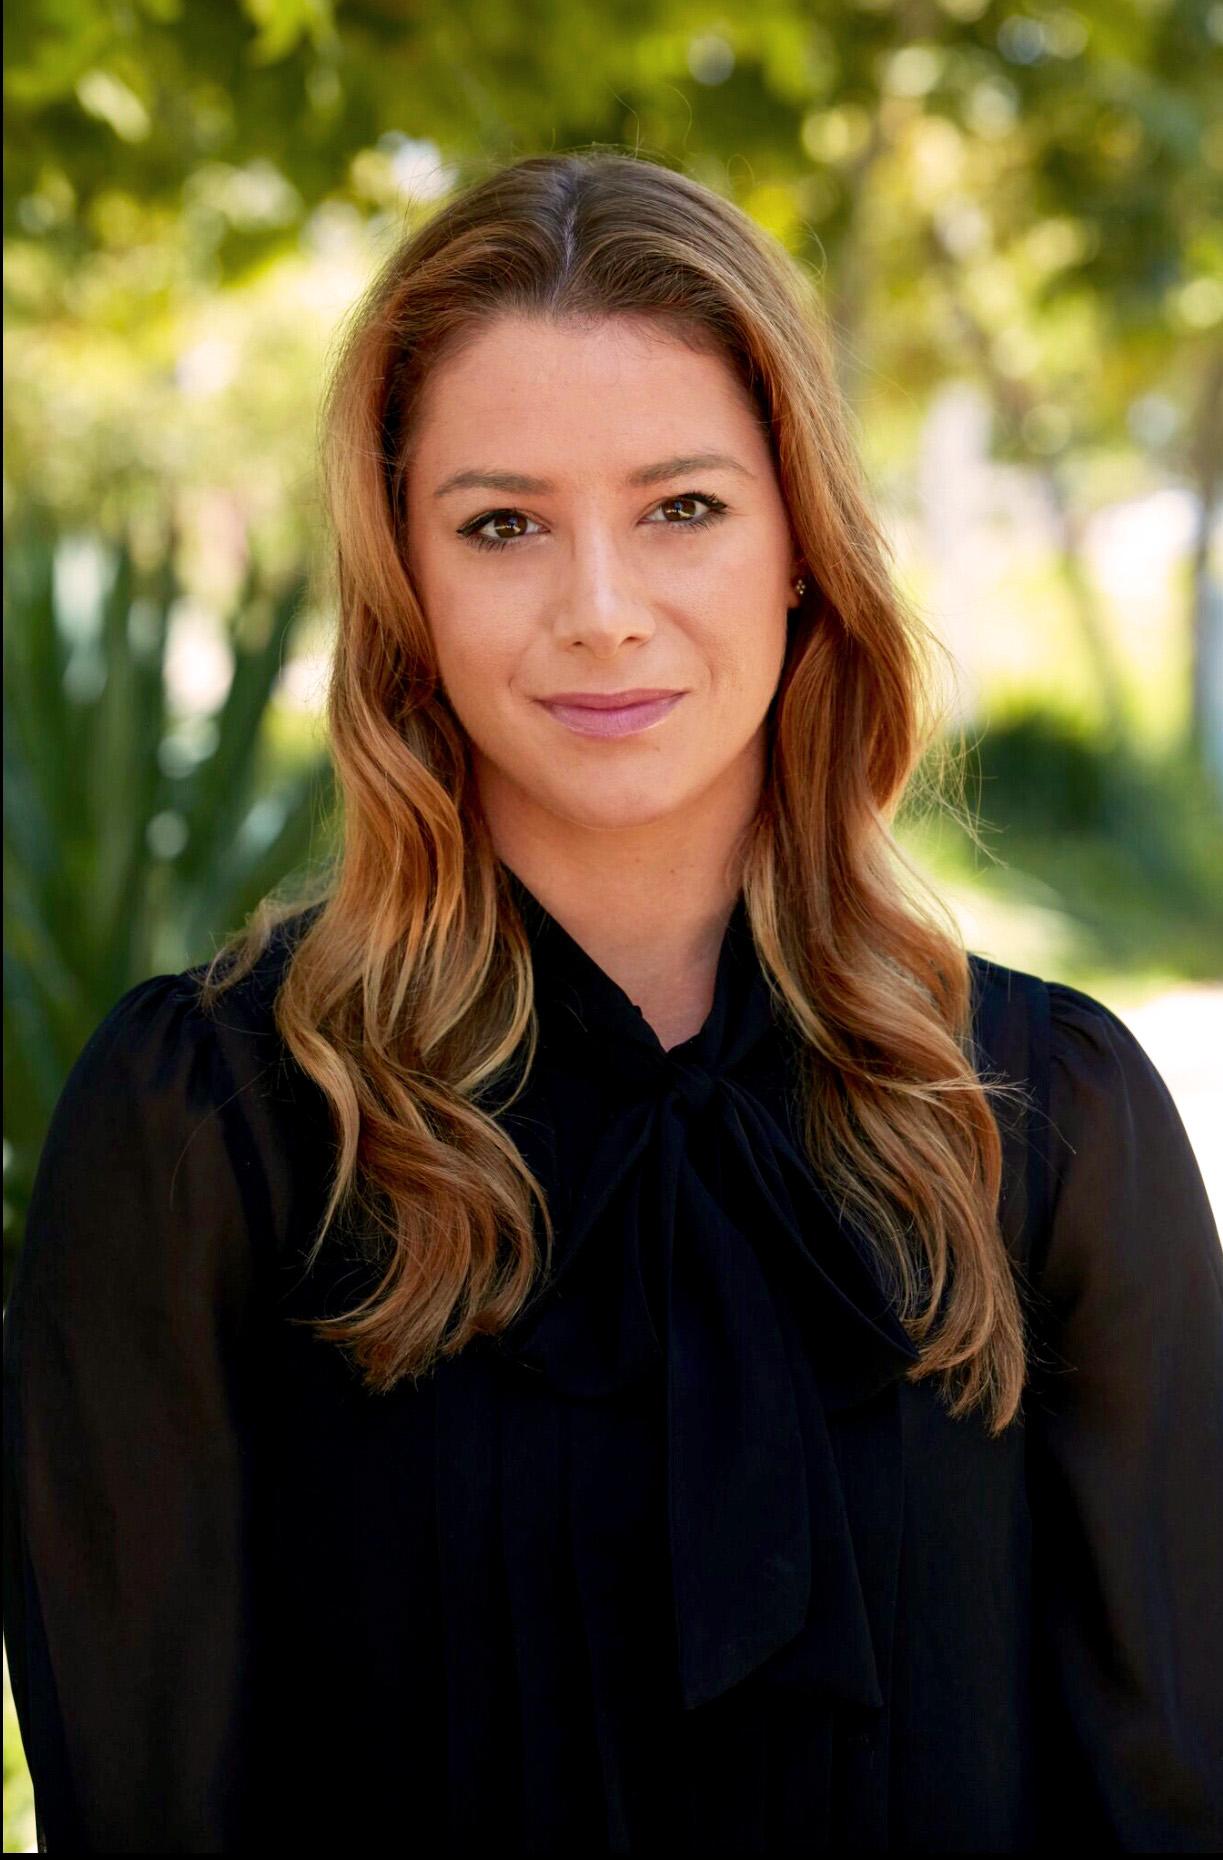 Jessica Borek